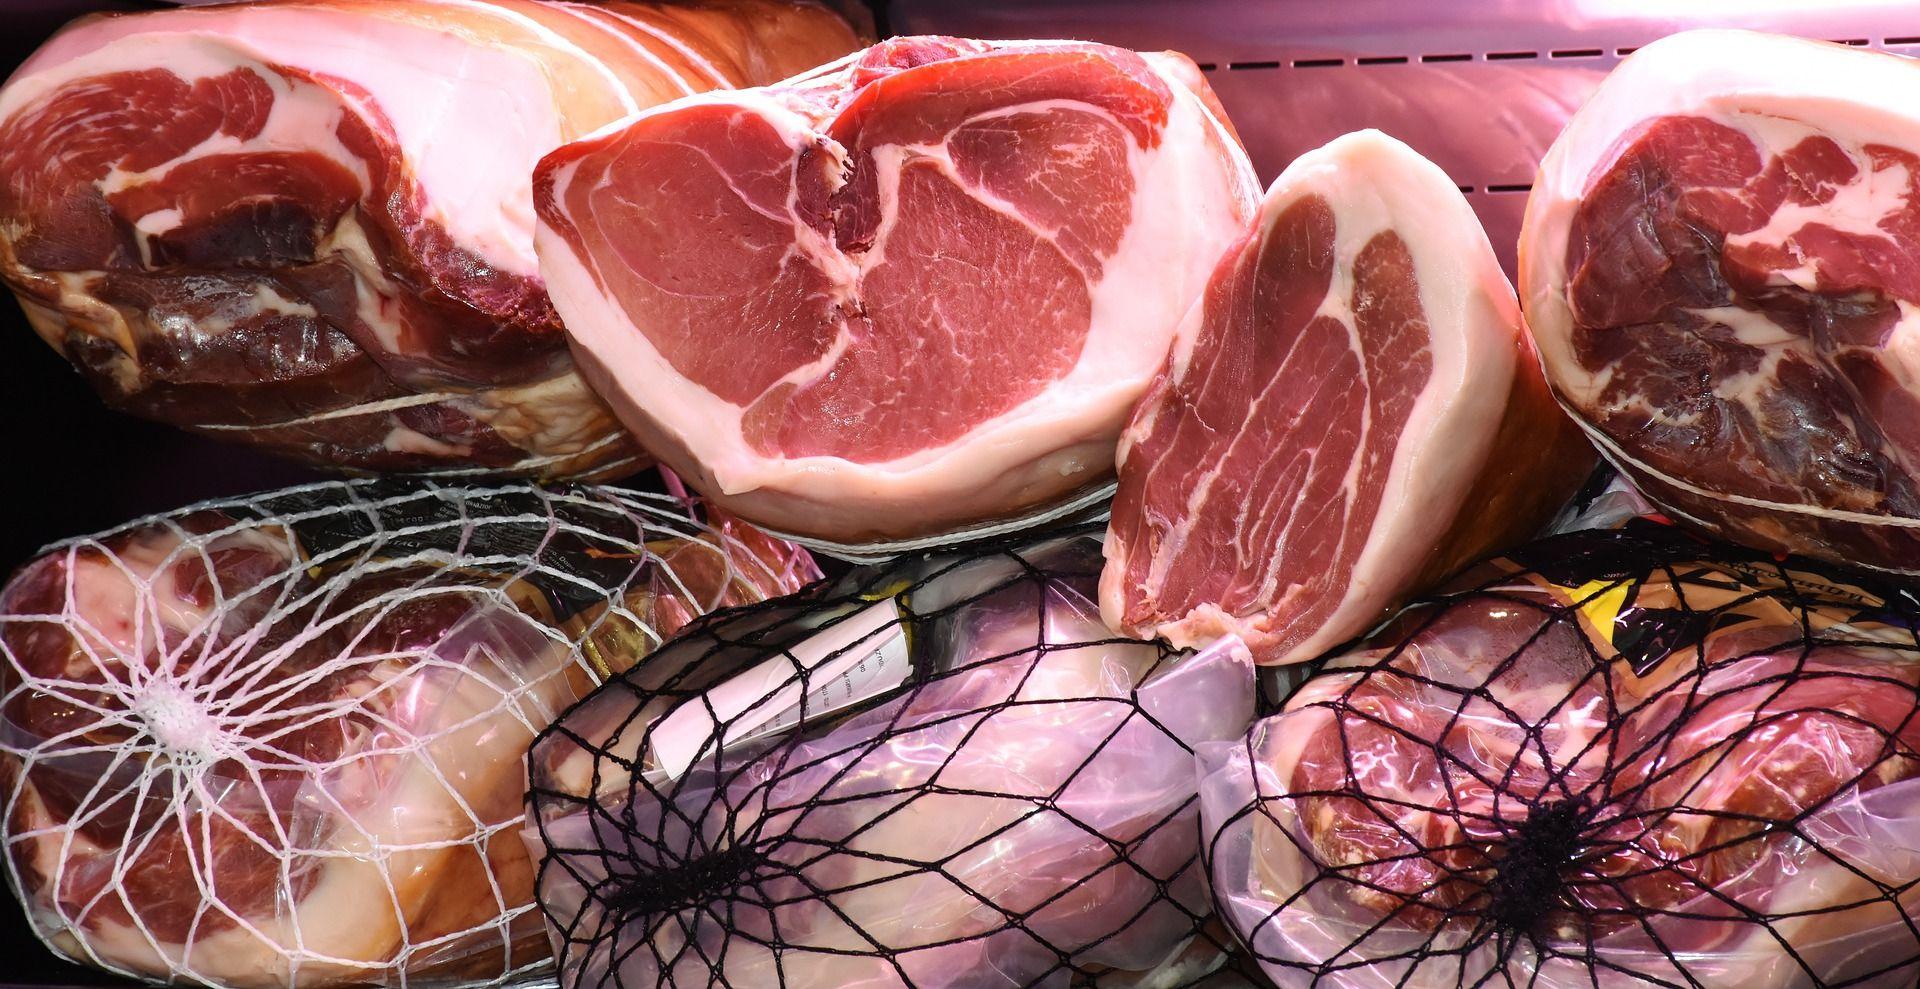 Poljska kaže kako je izvezla 2.700 kg sumnjivog mesa u EU